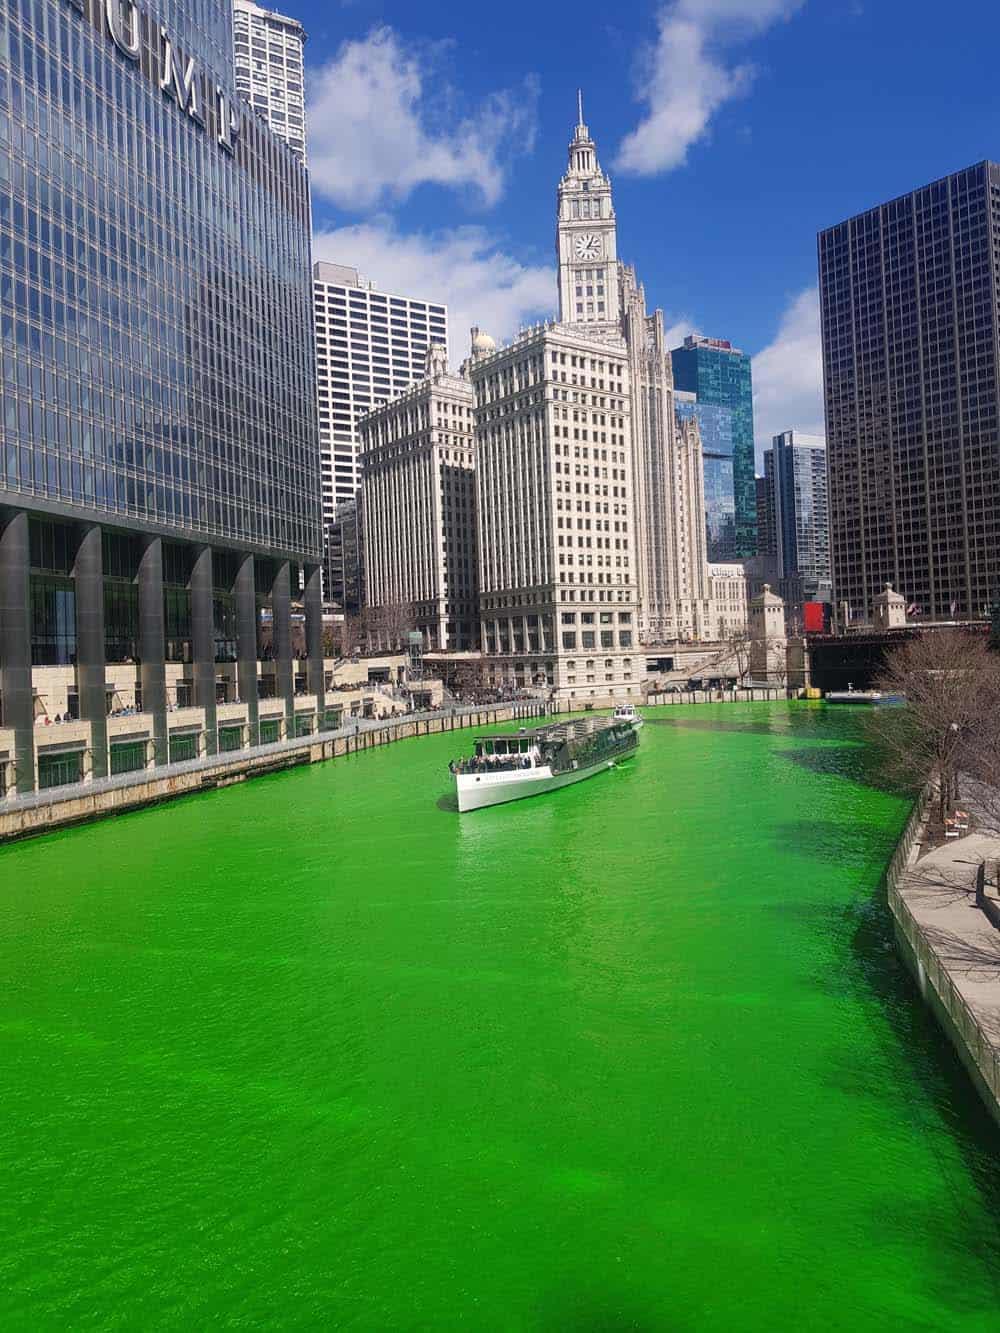 Ökologisch gefärbter Fluss: Chicago am St. Patrick's Day